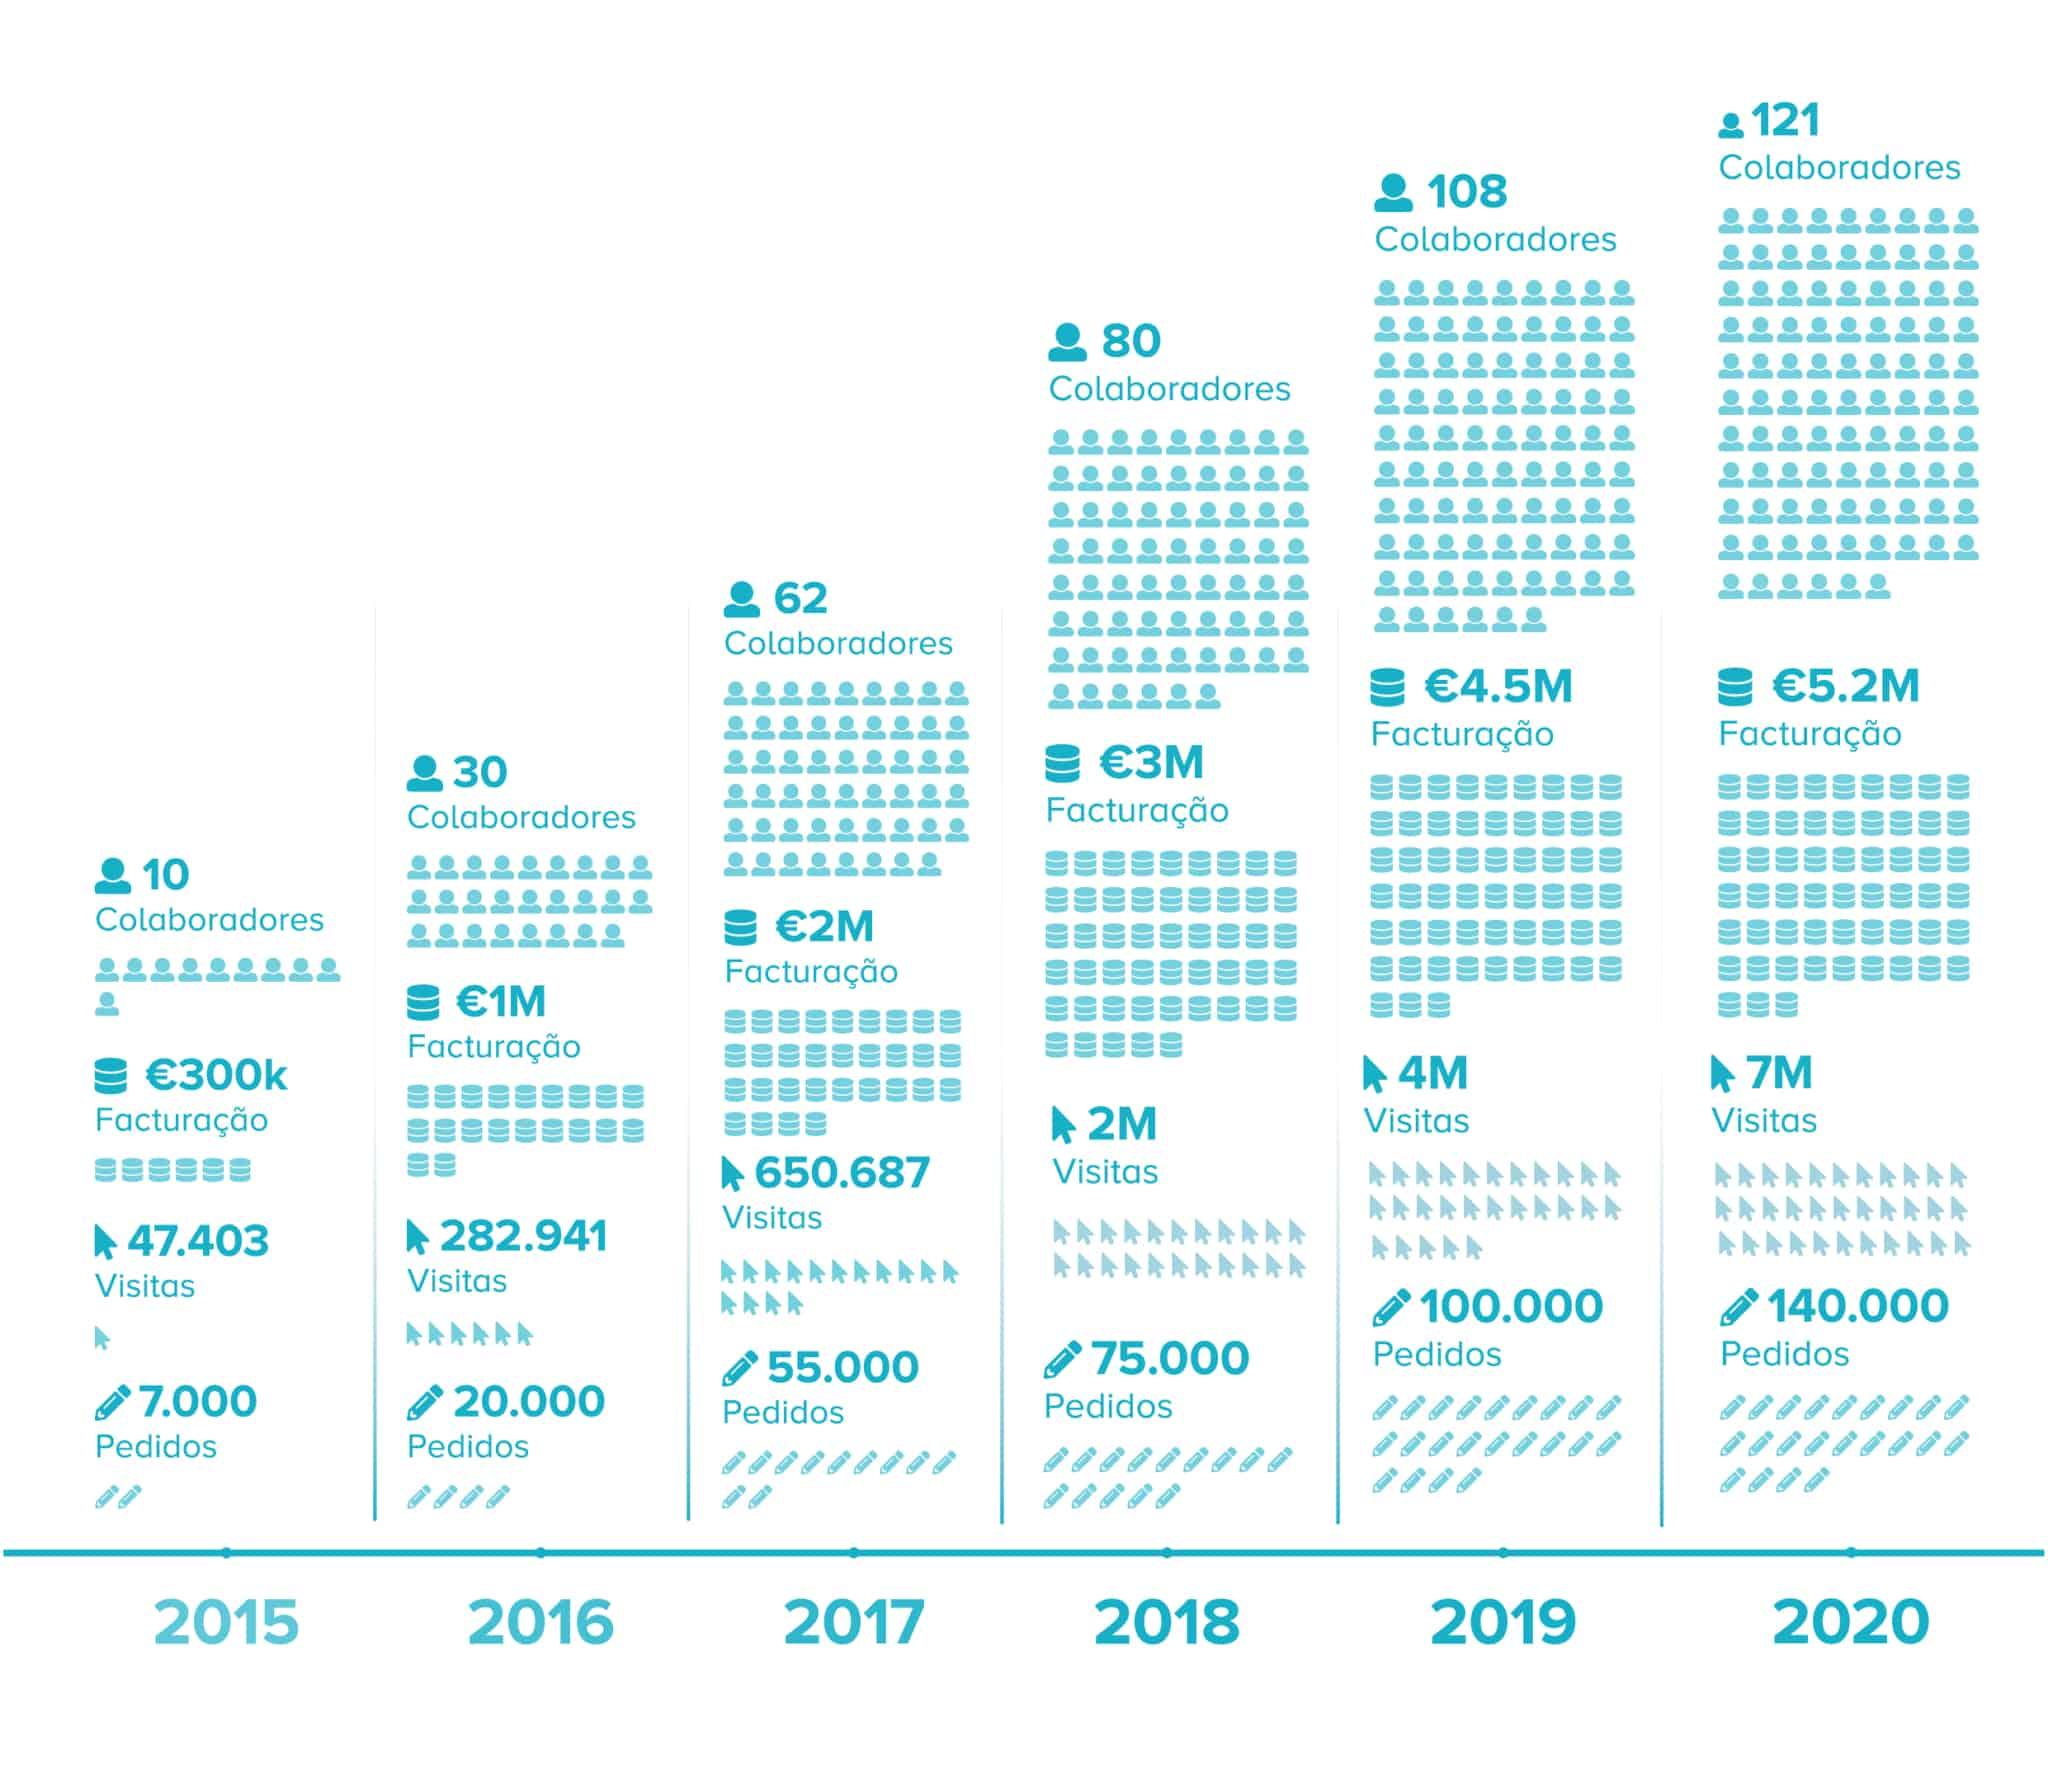 Evolução da empresa Doutor Finanças  até 2020, em crescimento de colaboradores, faturação e visitas.